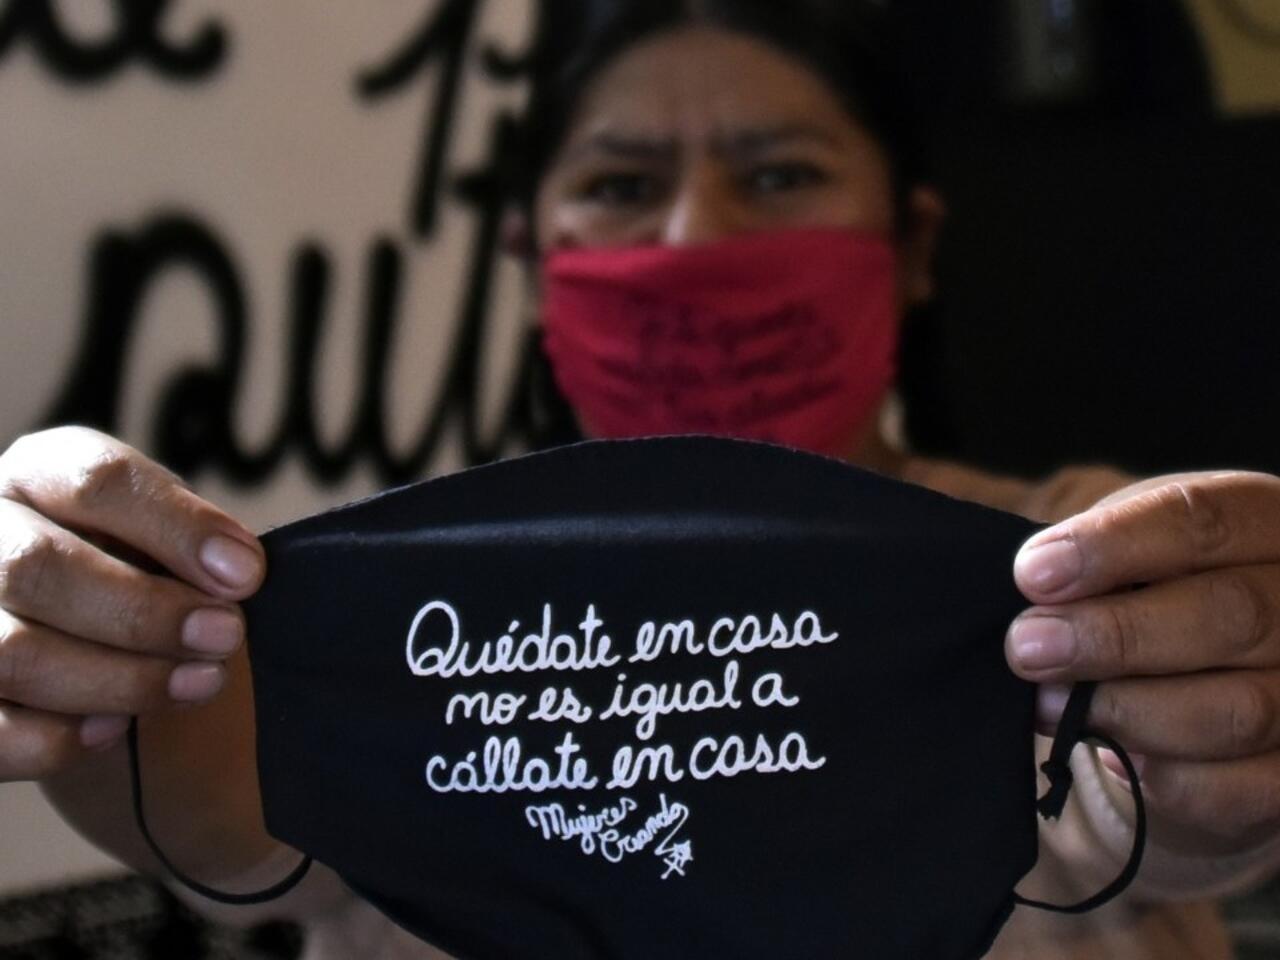 Repunte De Feminicidios Durante La Pandemia Y El Aislamiento A Causa Del Covid 19